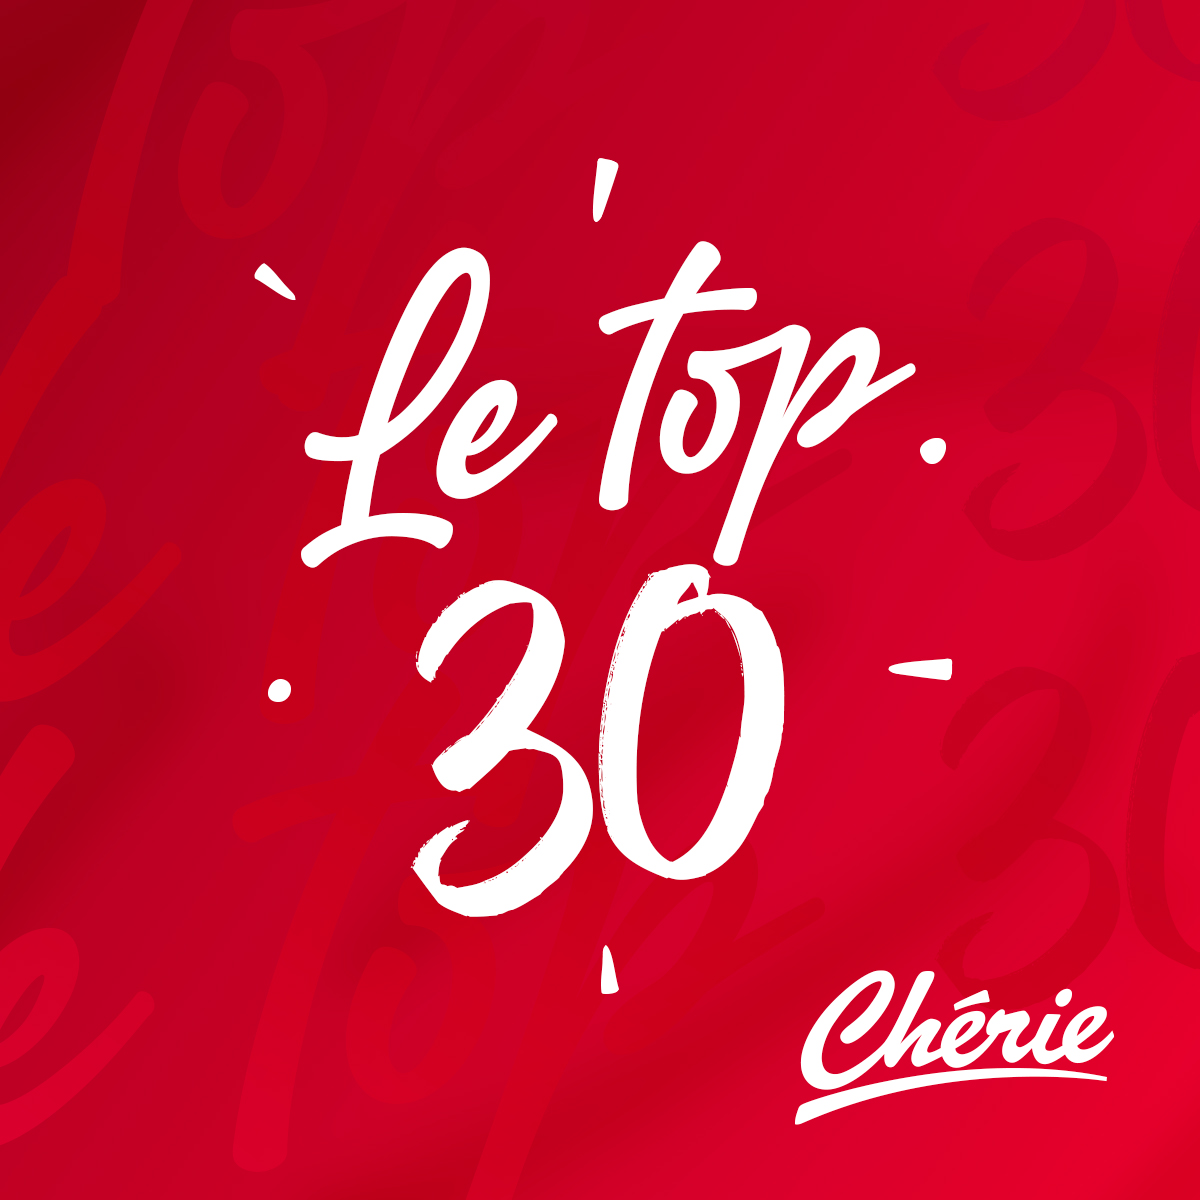 Le top 30 Chérie